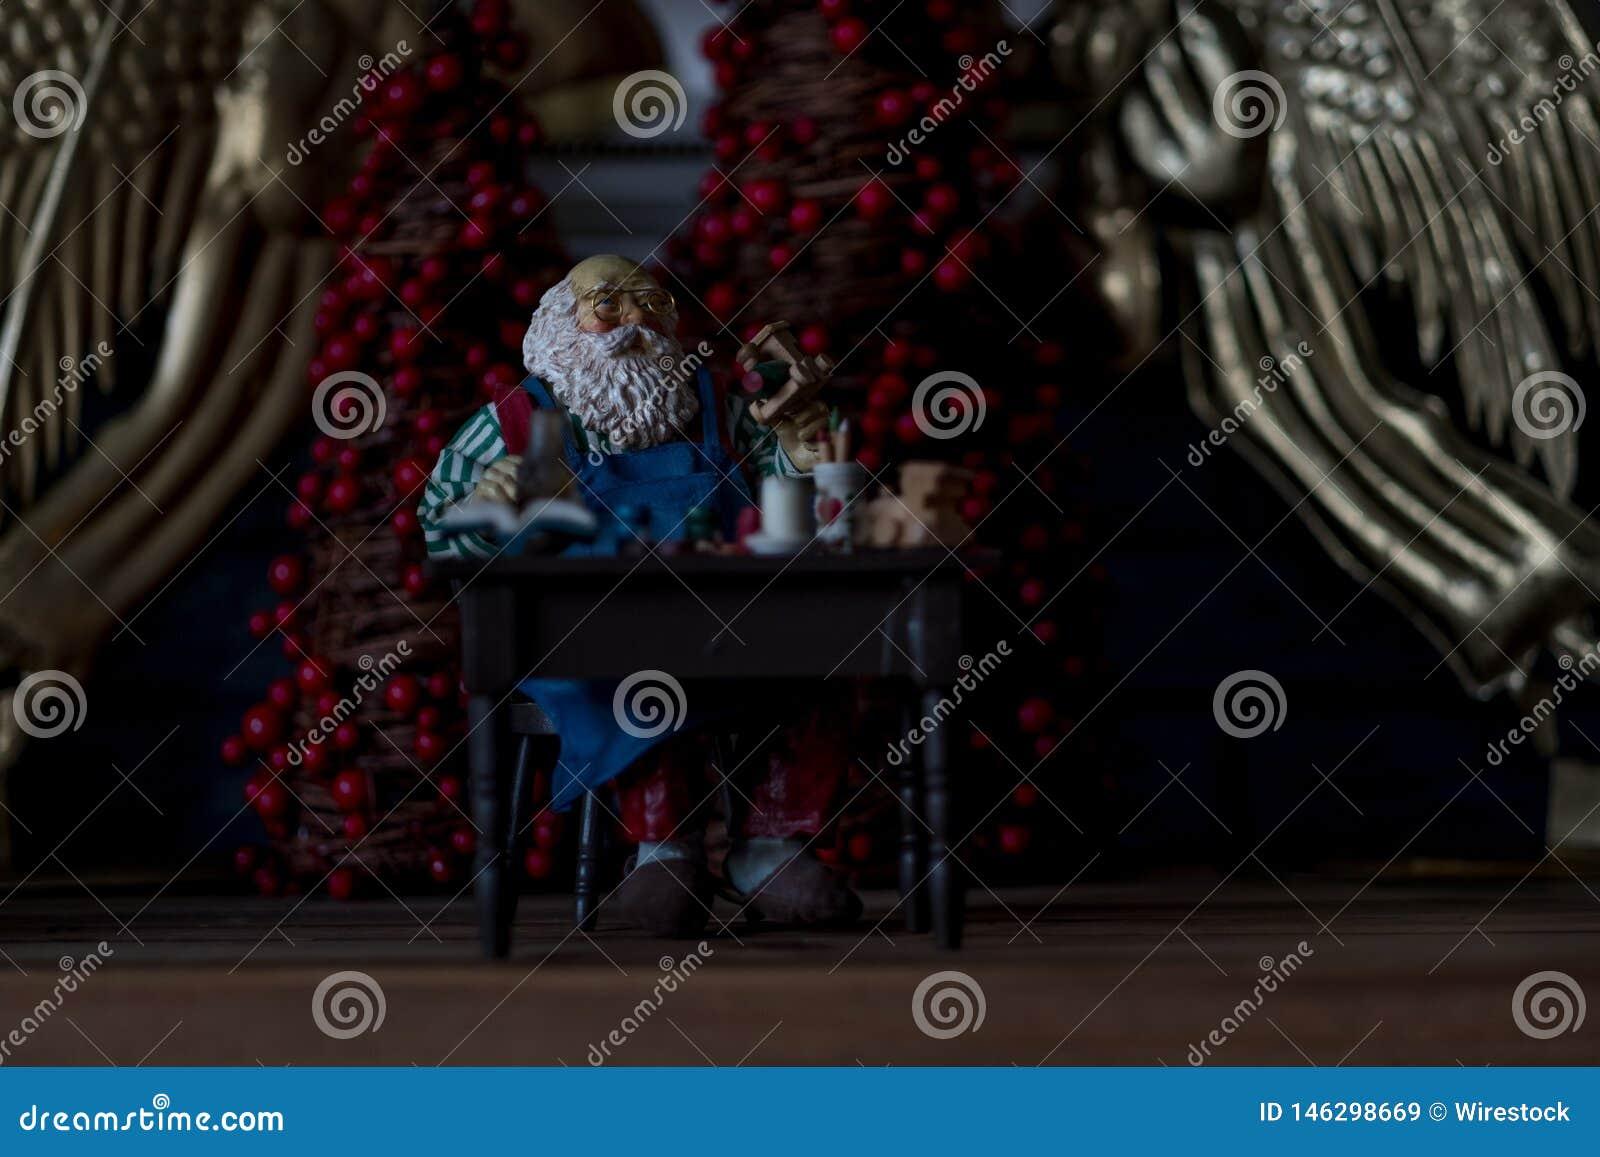 Figurine miniature de Santa Claus